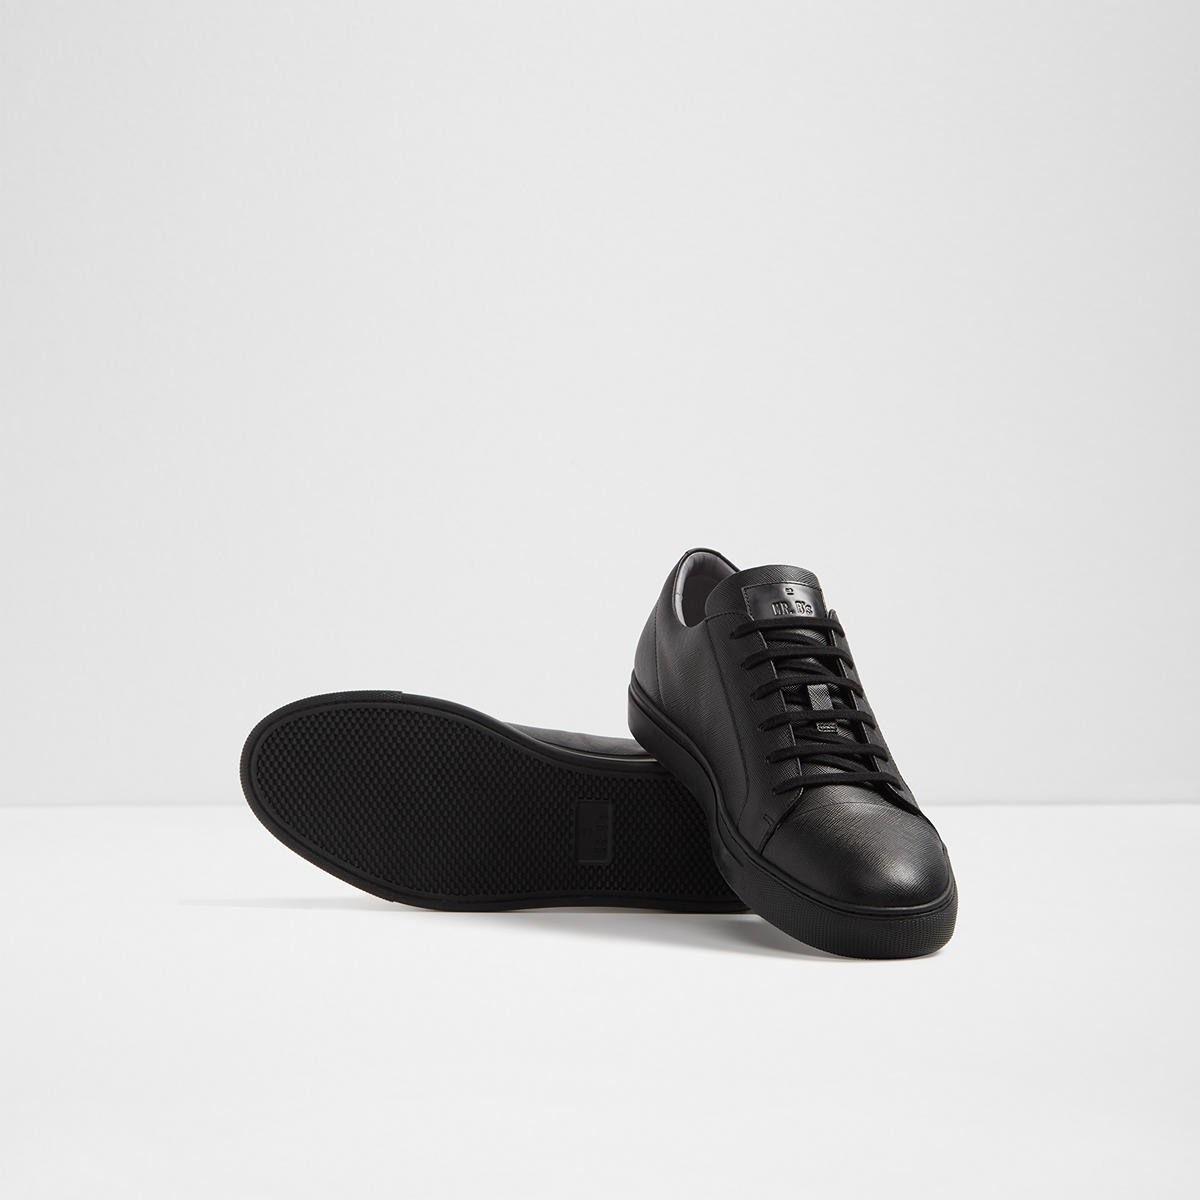 Praressi | Mens trainers, Black sneaker